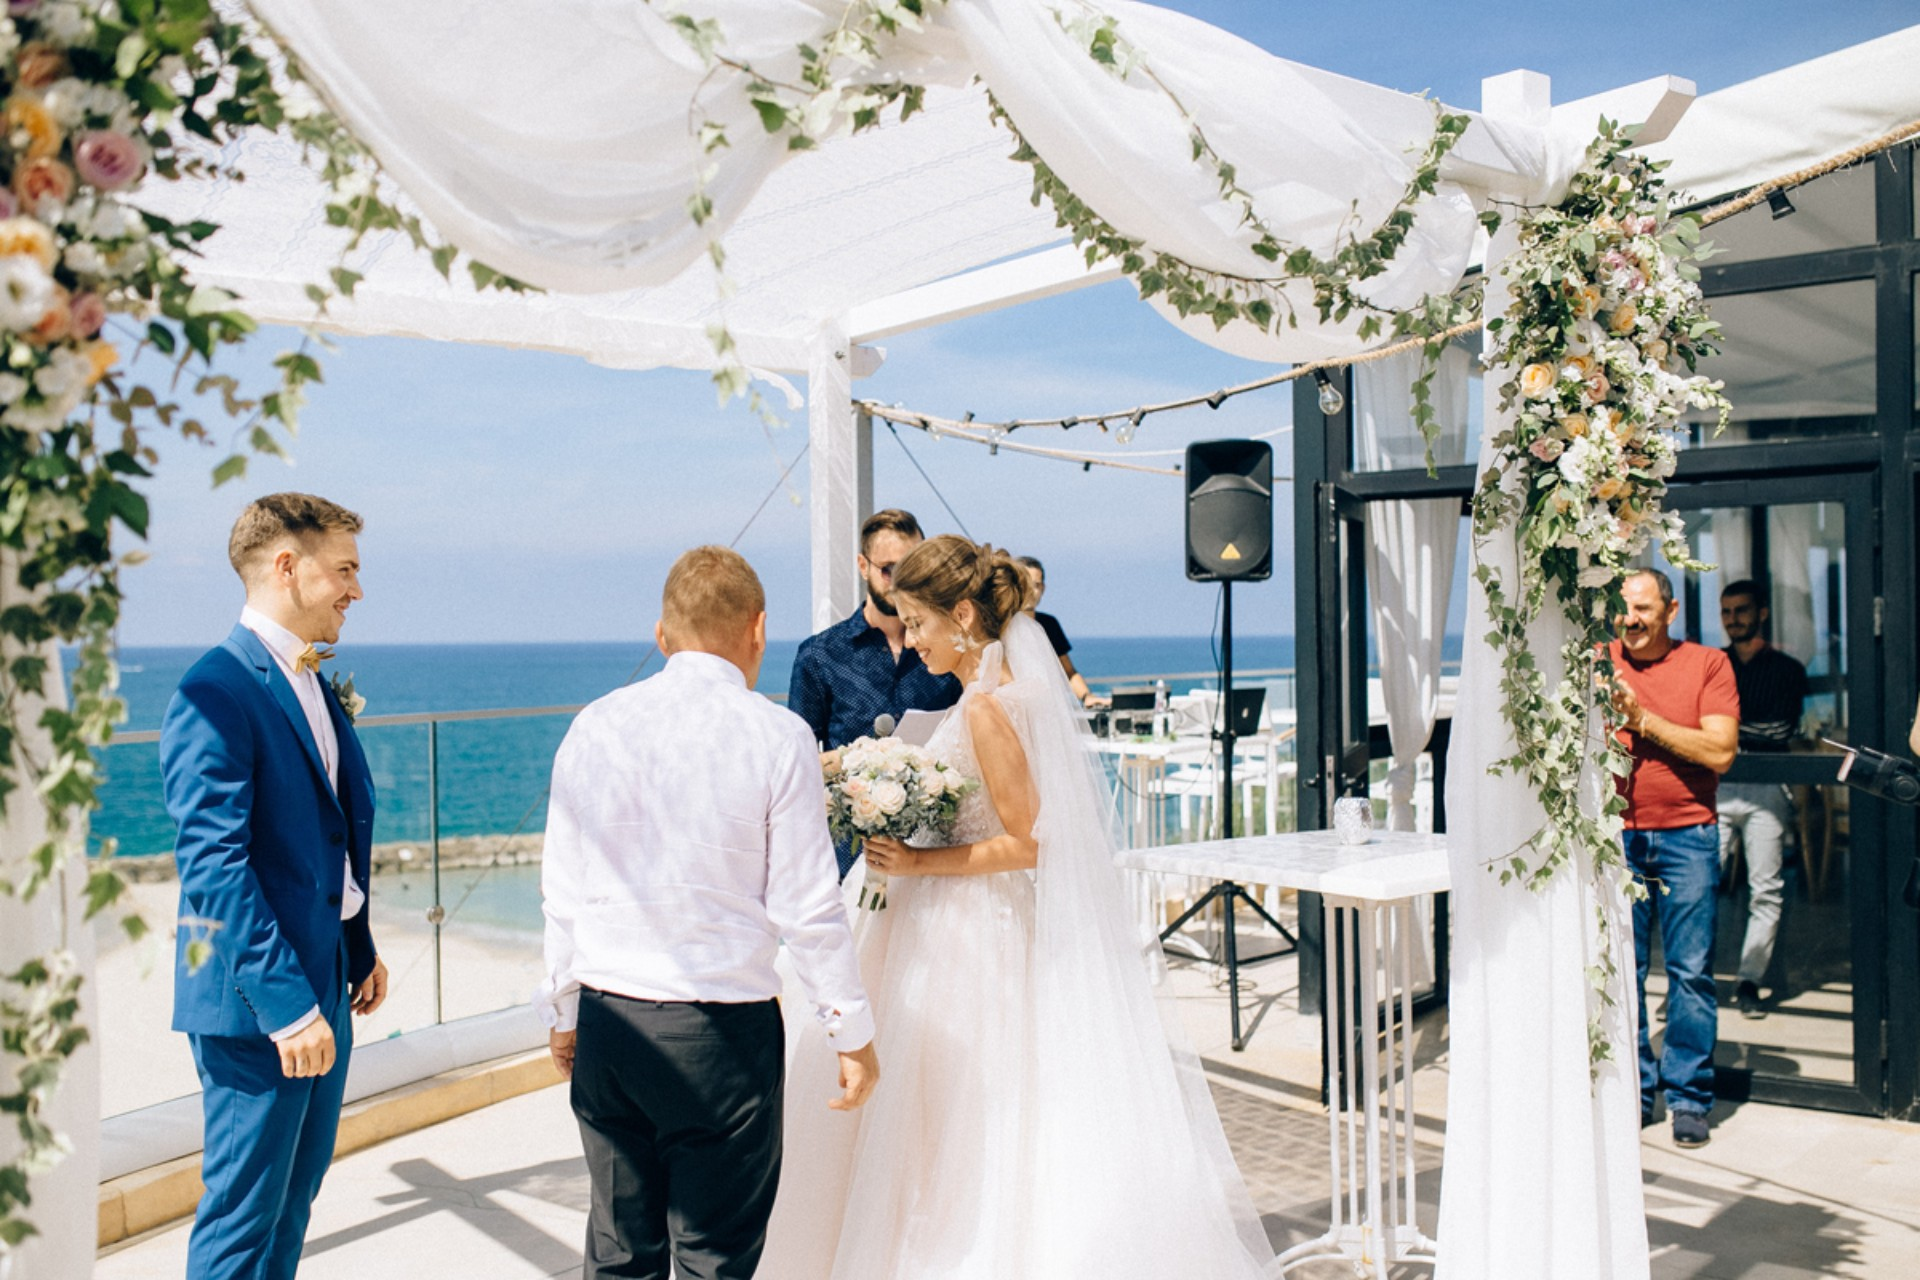 שלושה לוקיישנים, שני טקסים,  זוג אחד: החתונה של קטיה ודימה